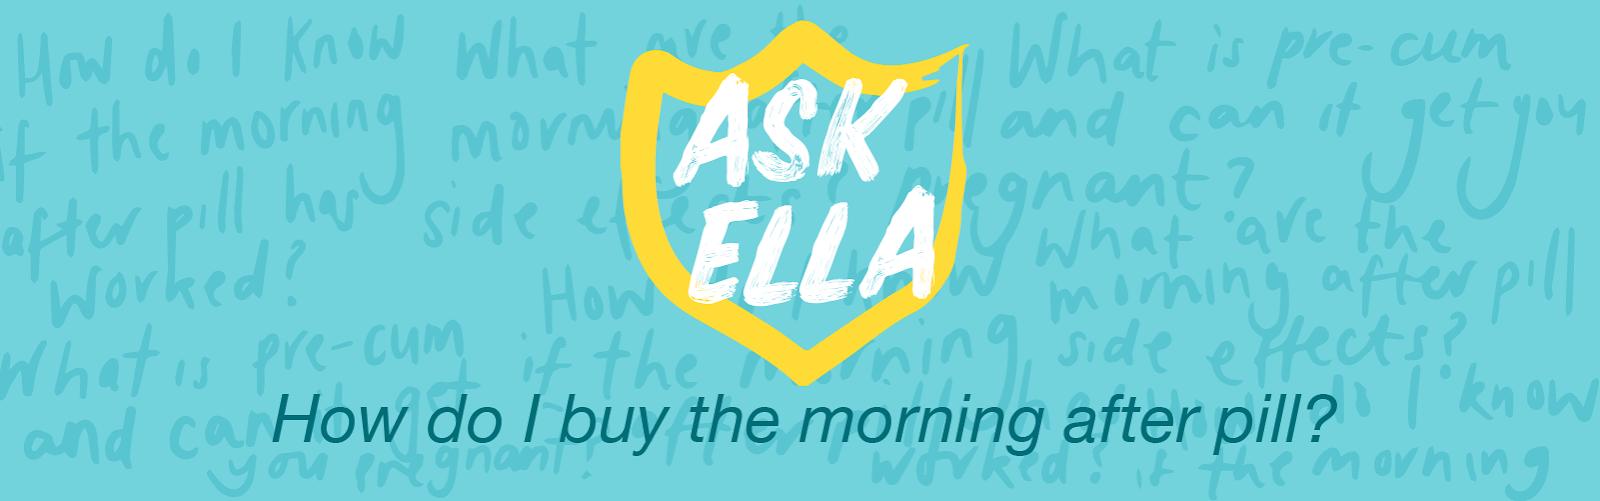 AskElla_Blog_02.png